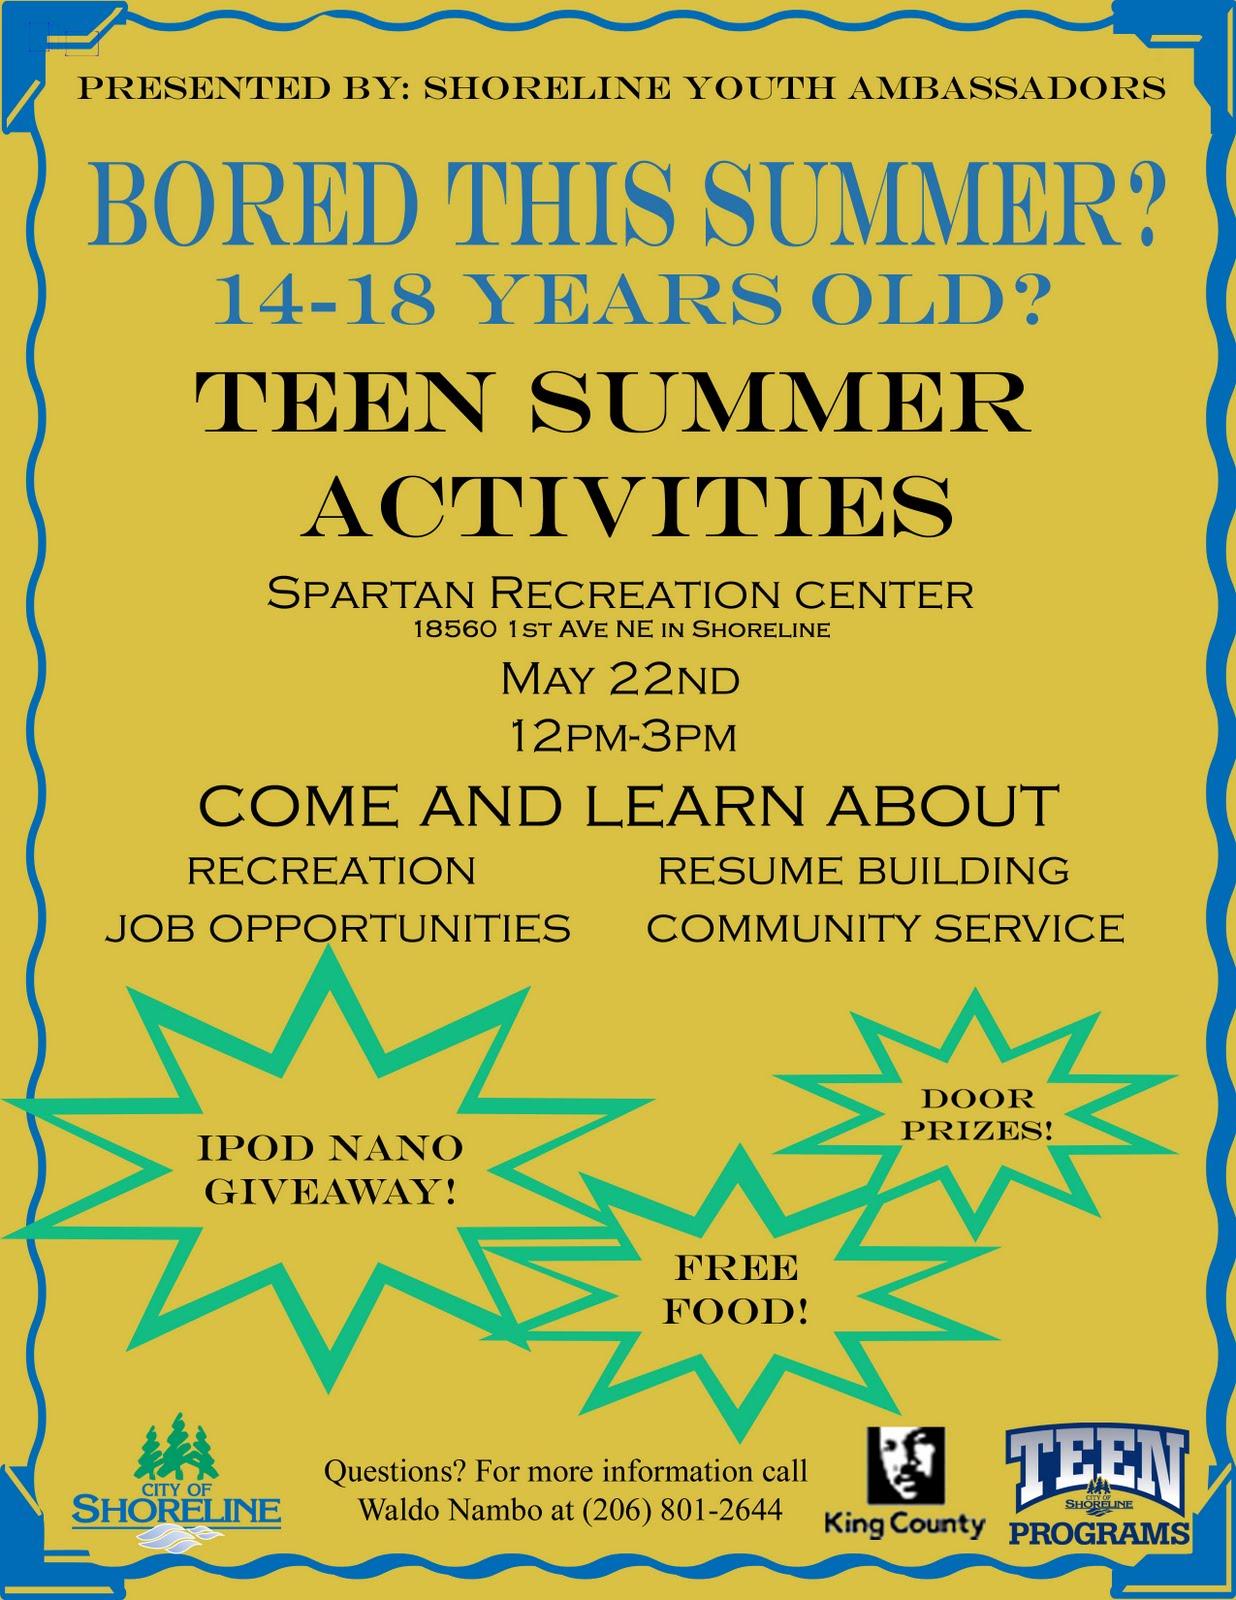 Shoreline Area News Teen Summer Activities Fair On May 22